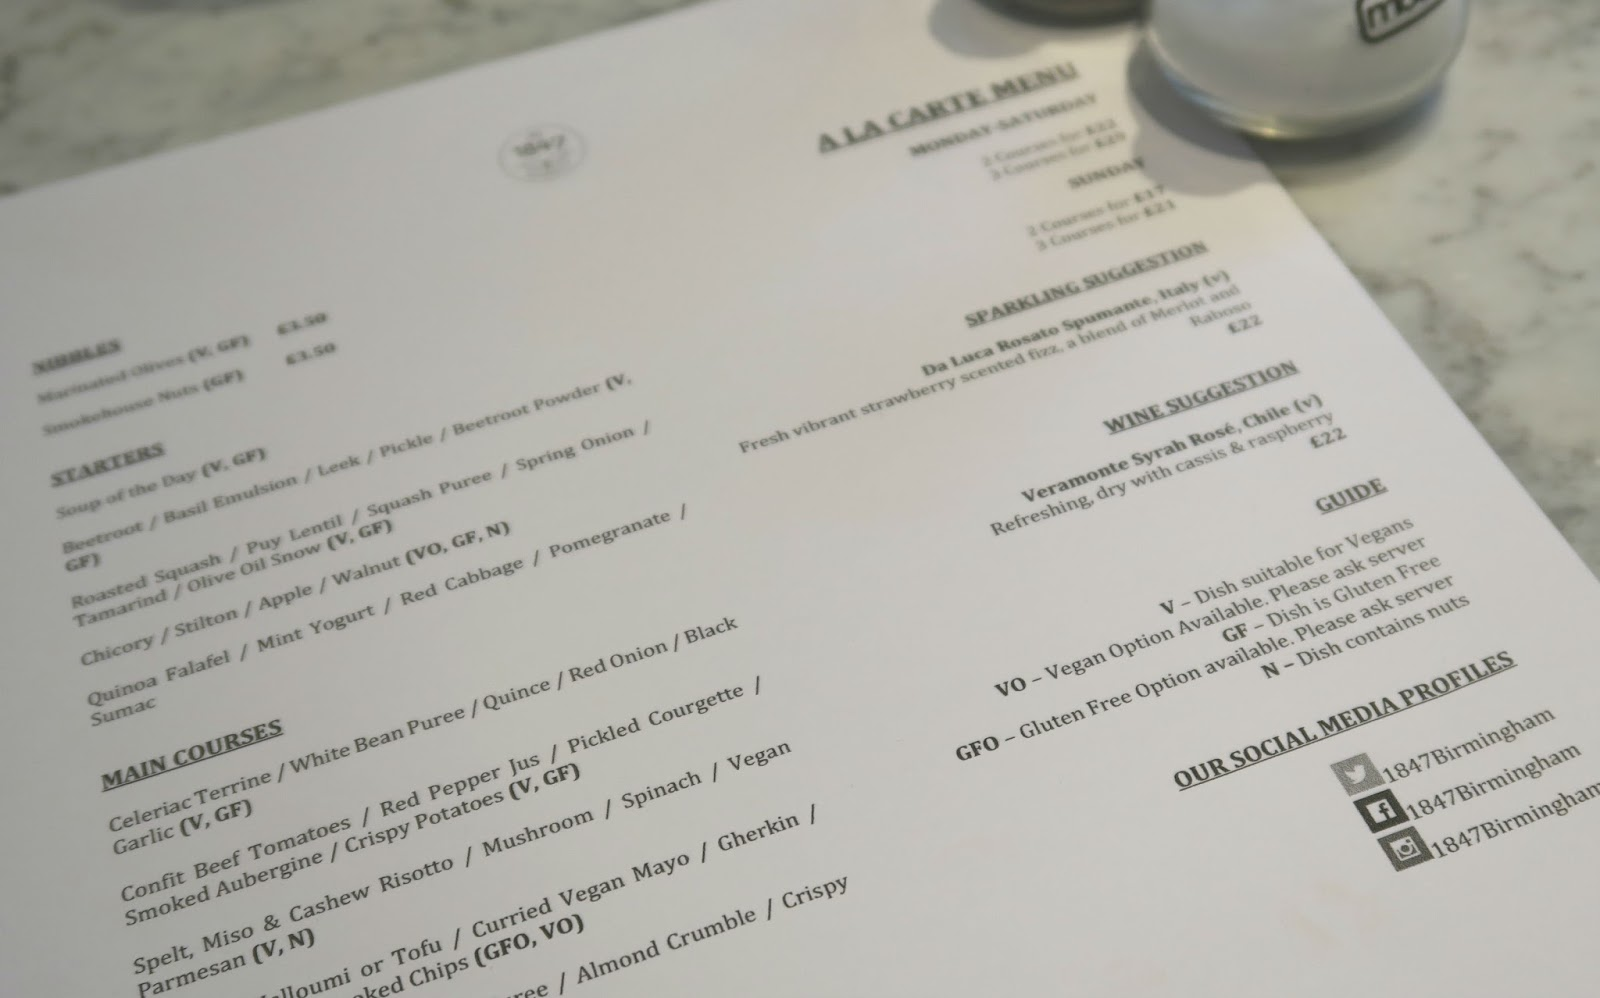 menu at 147 birmingham